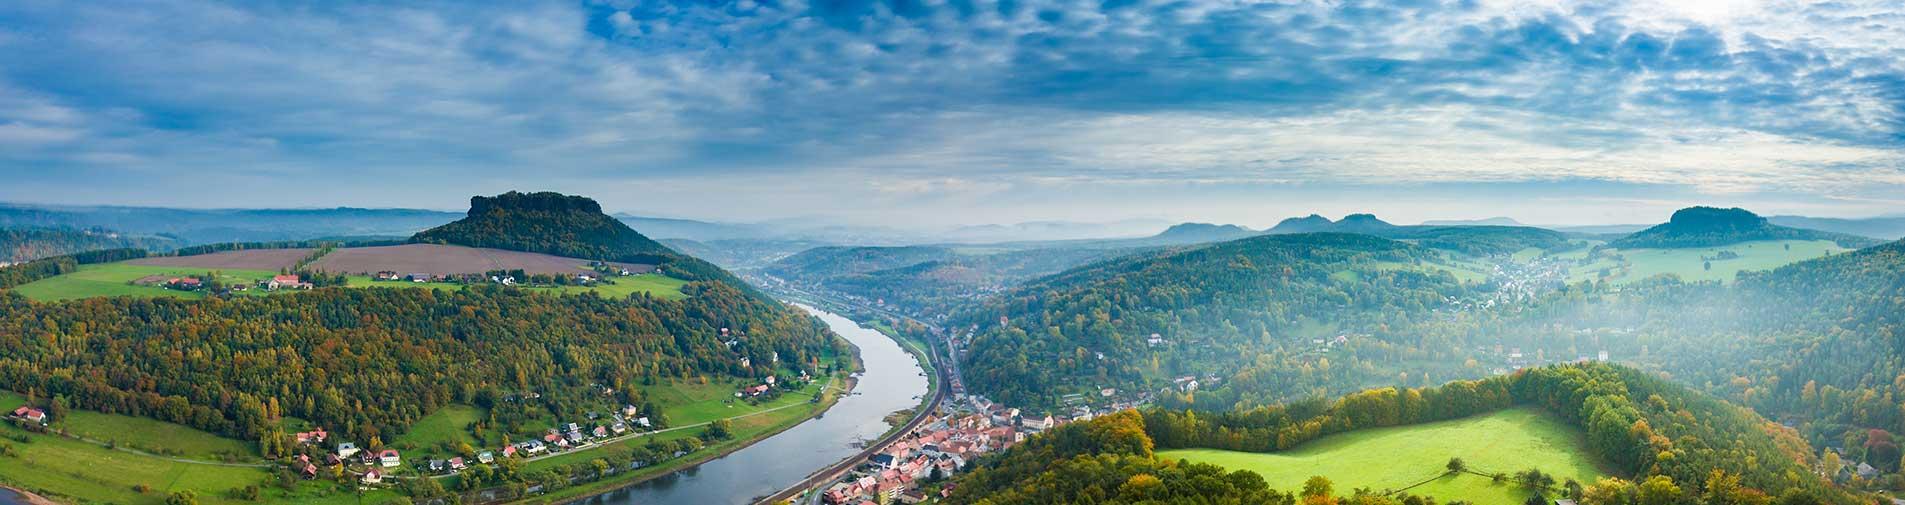 saechsischen-schweiz_95092693